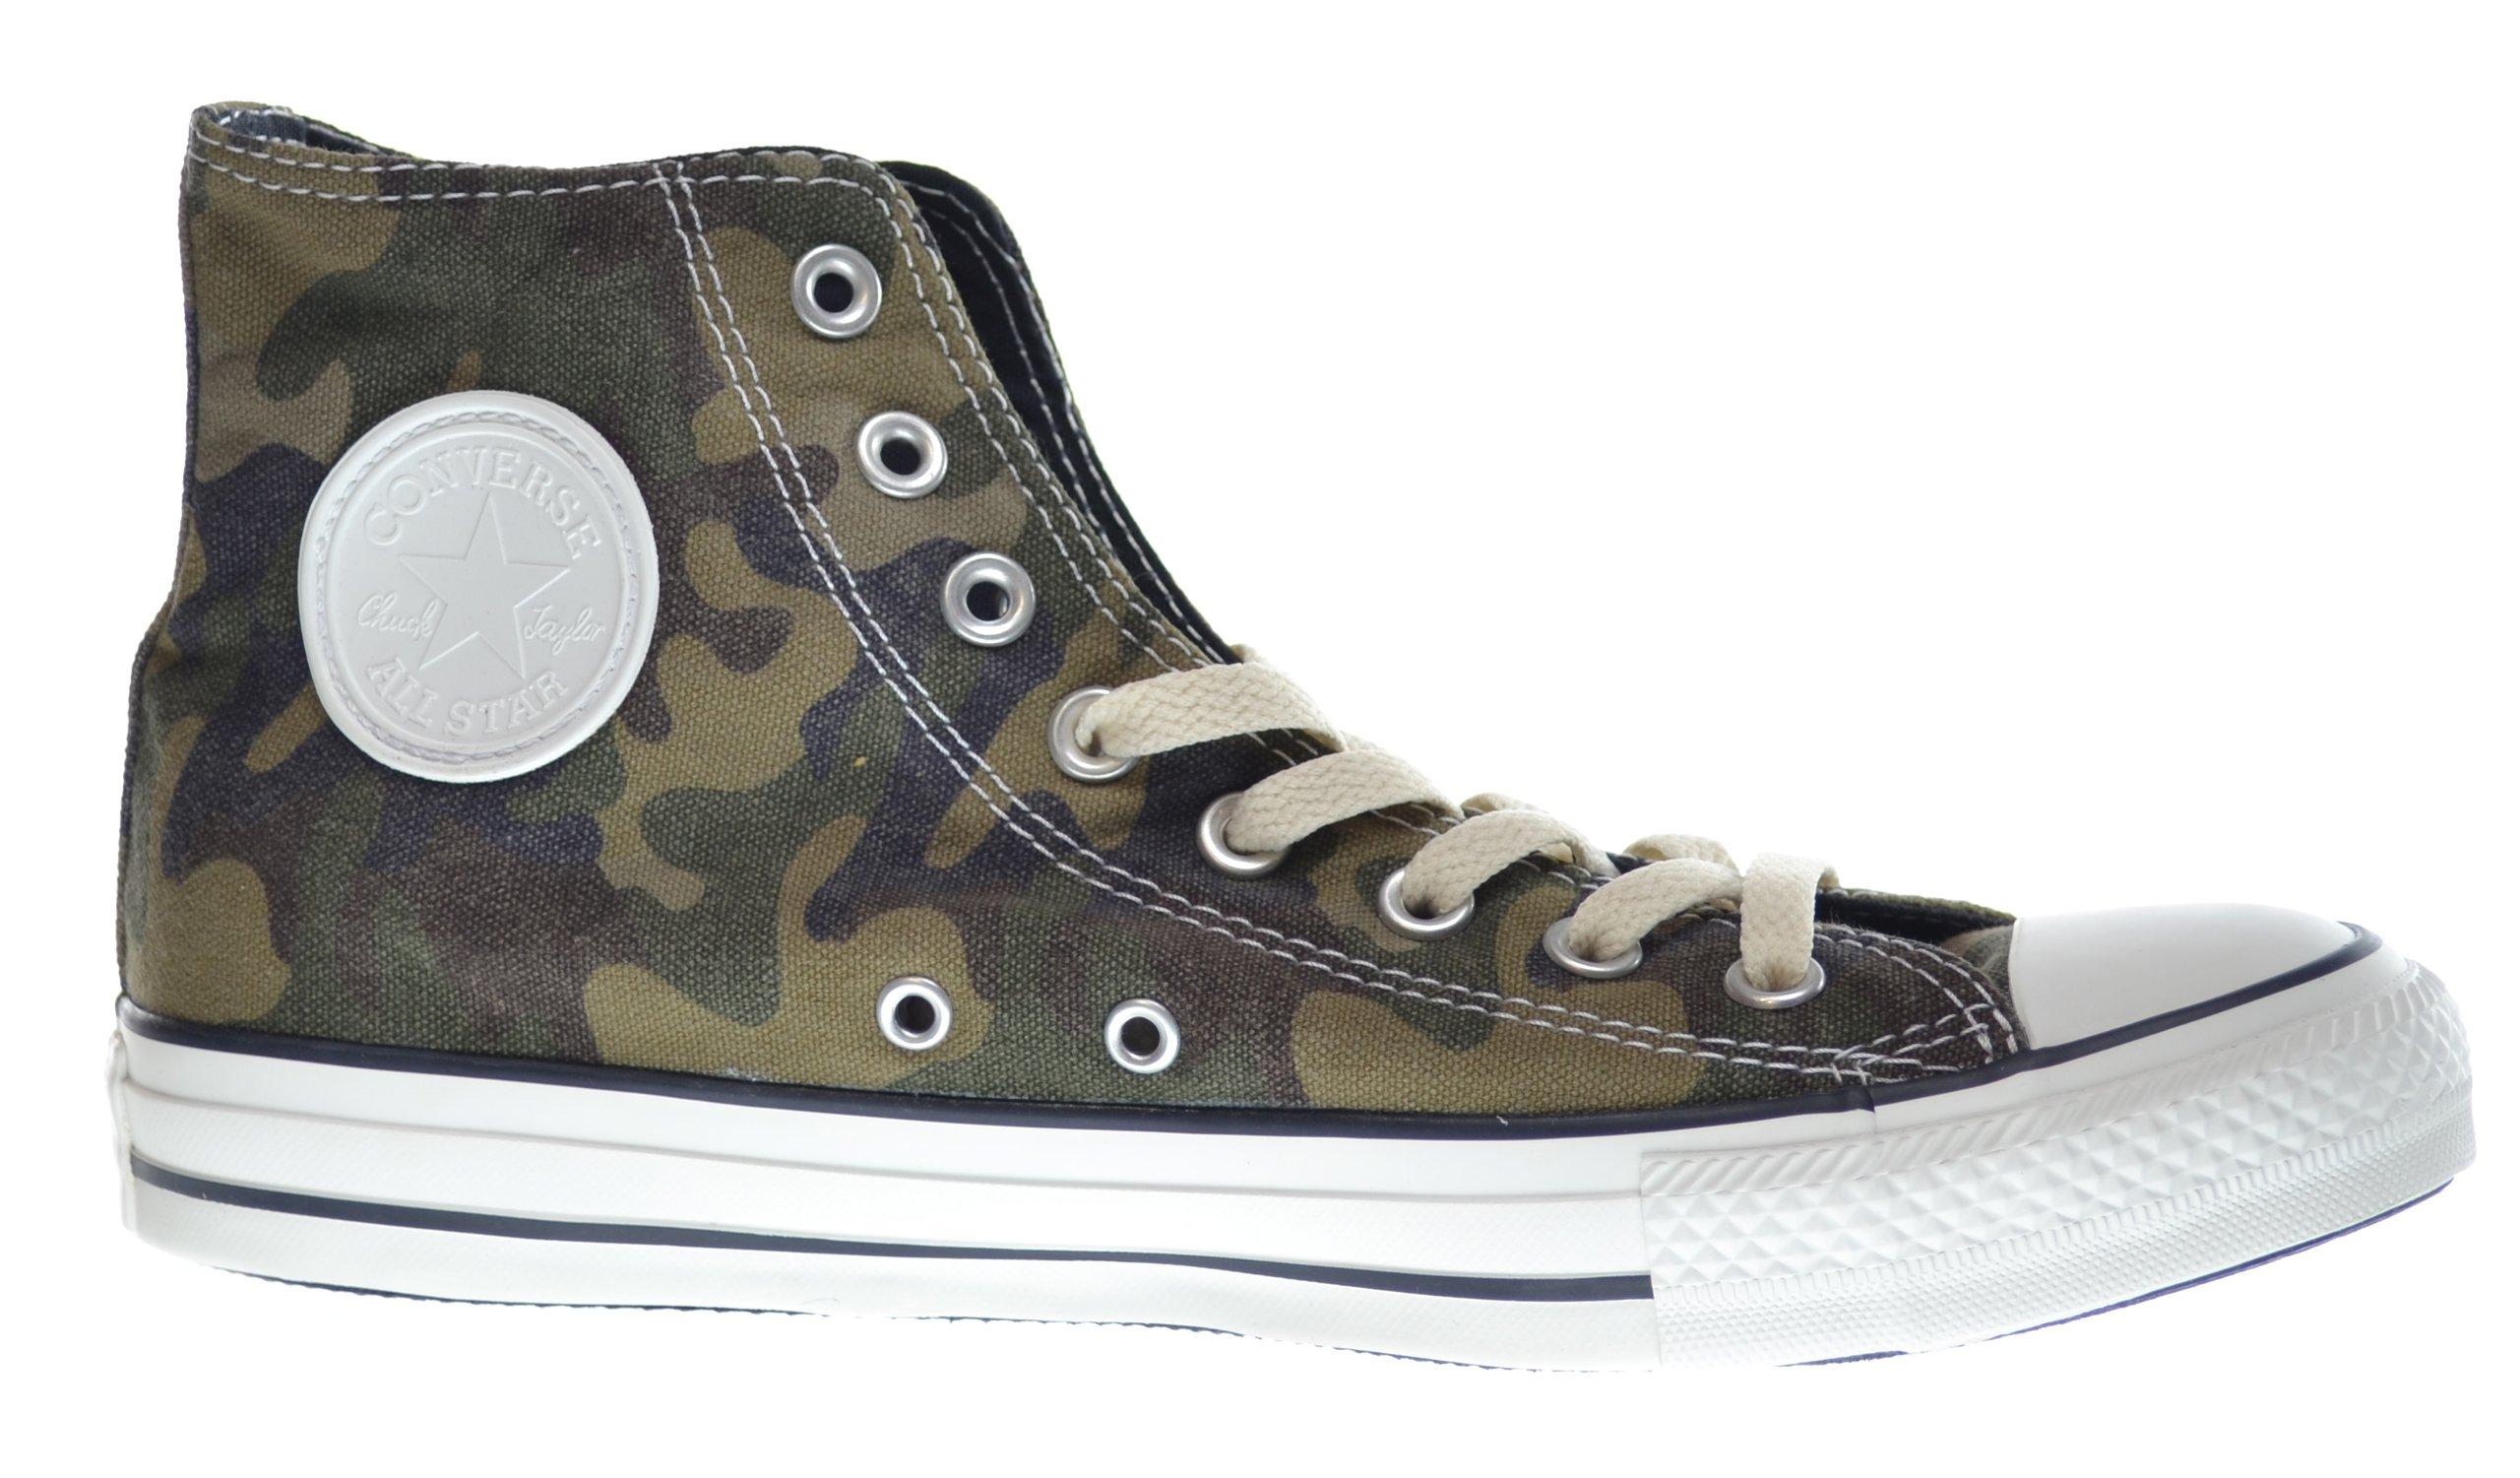 407cd521adb Galleon - Converse Chuck Taylor Hi Men s Sneakers Grape Leaf Camo 140058f  (8 D(M) US)